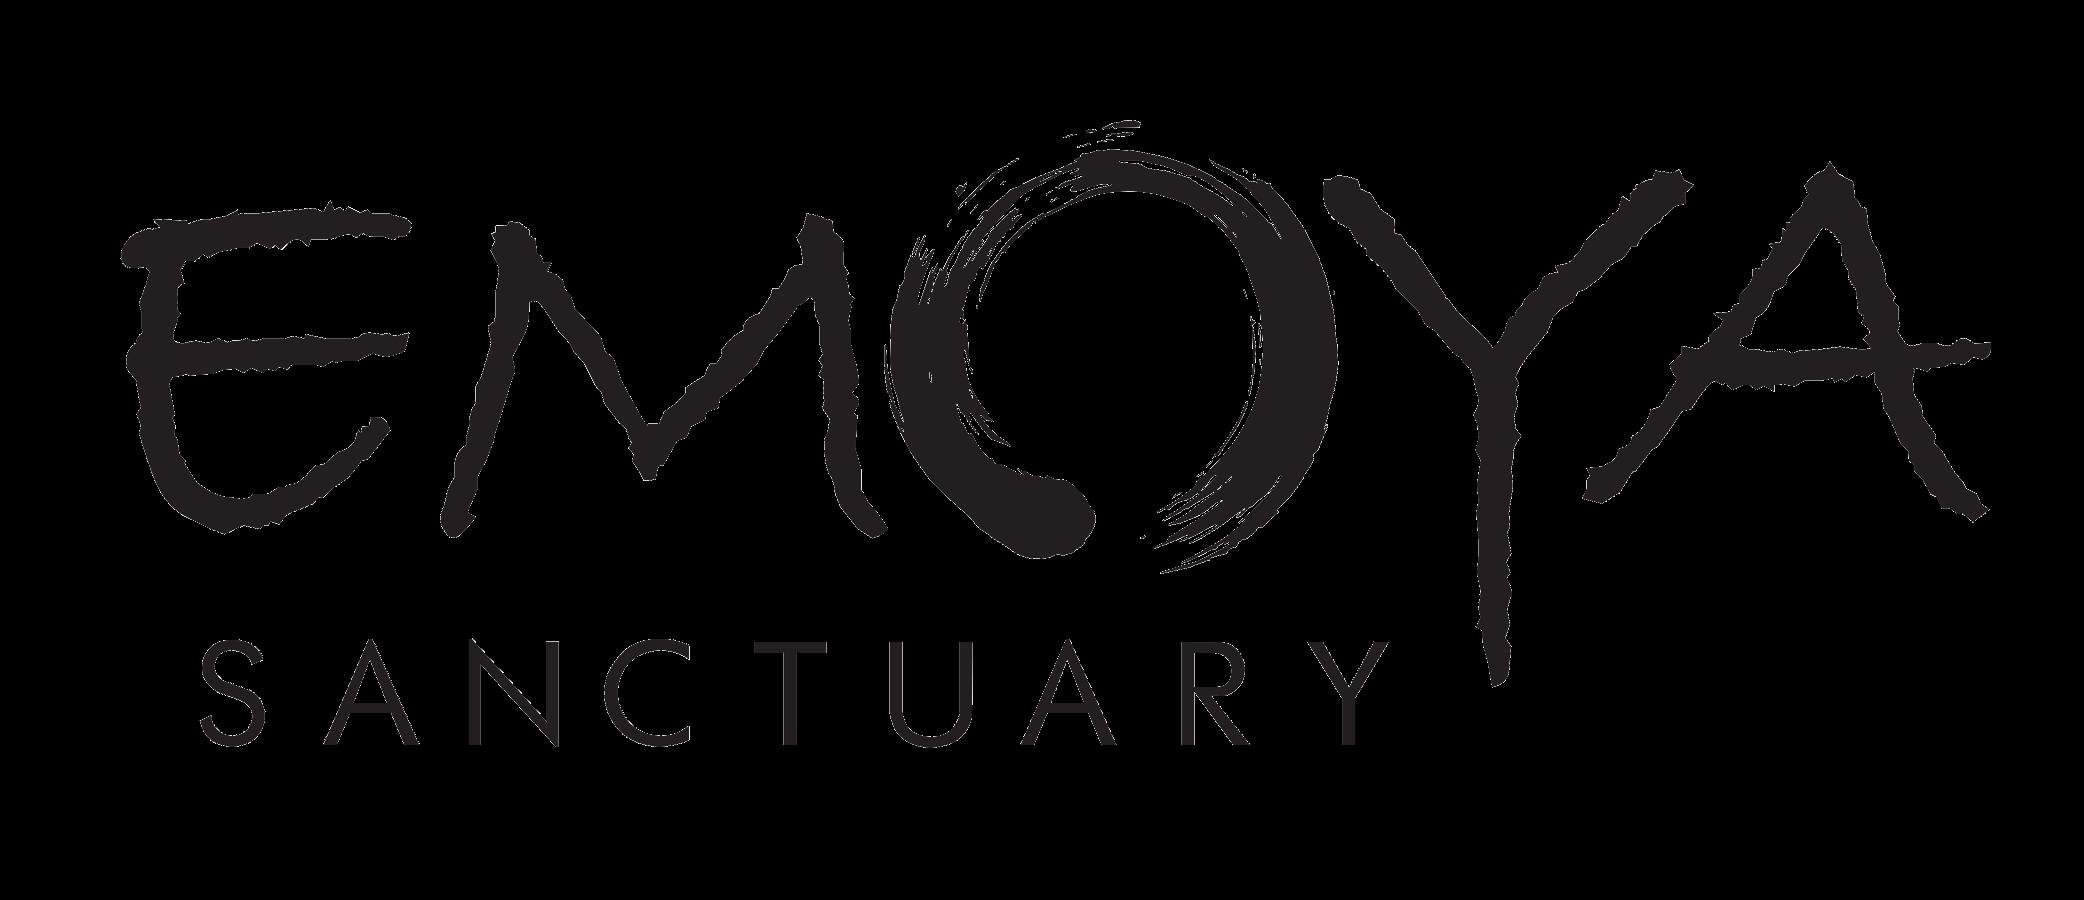 Emoya.org.za